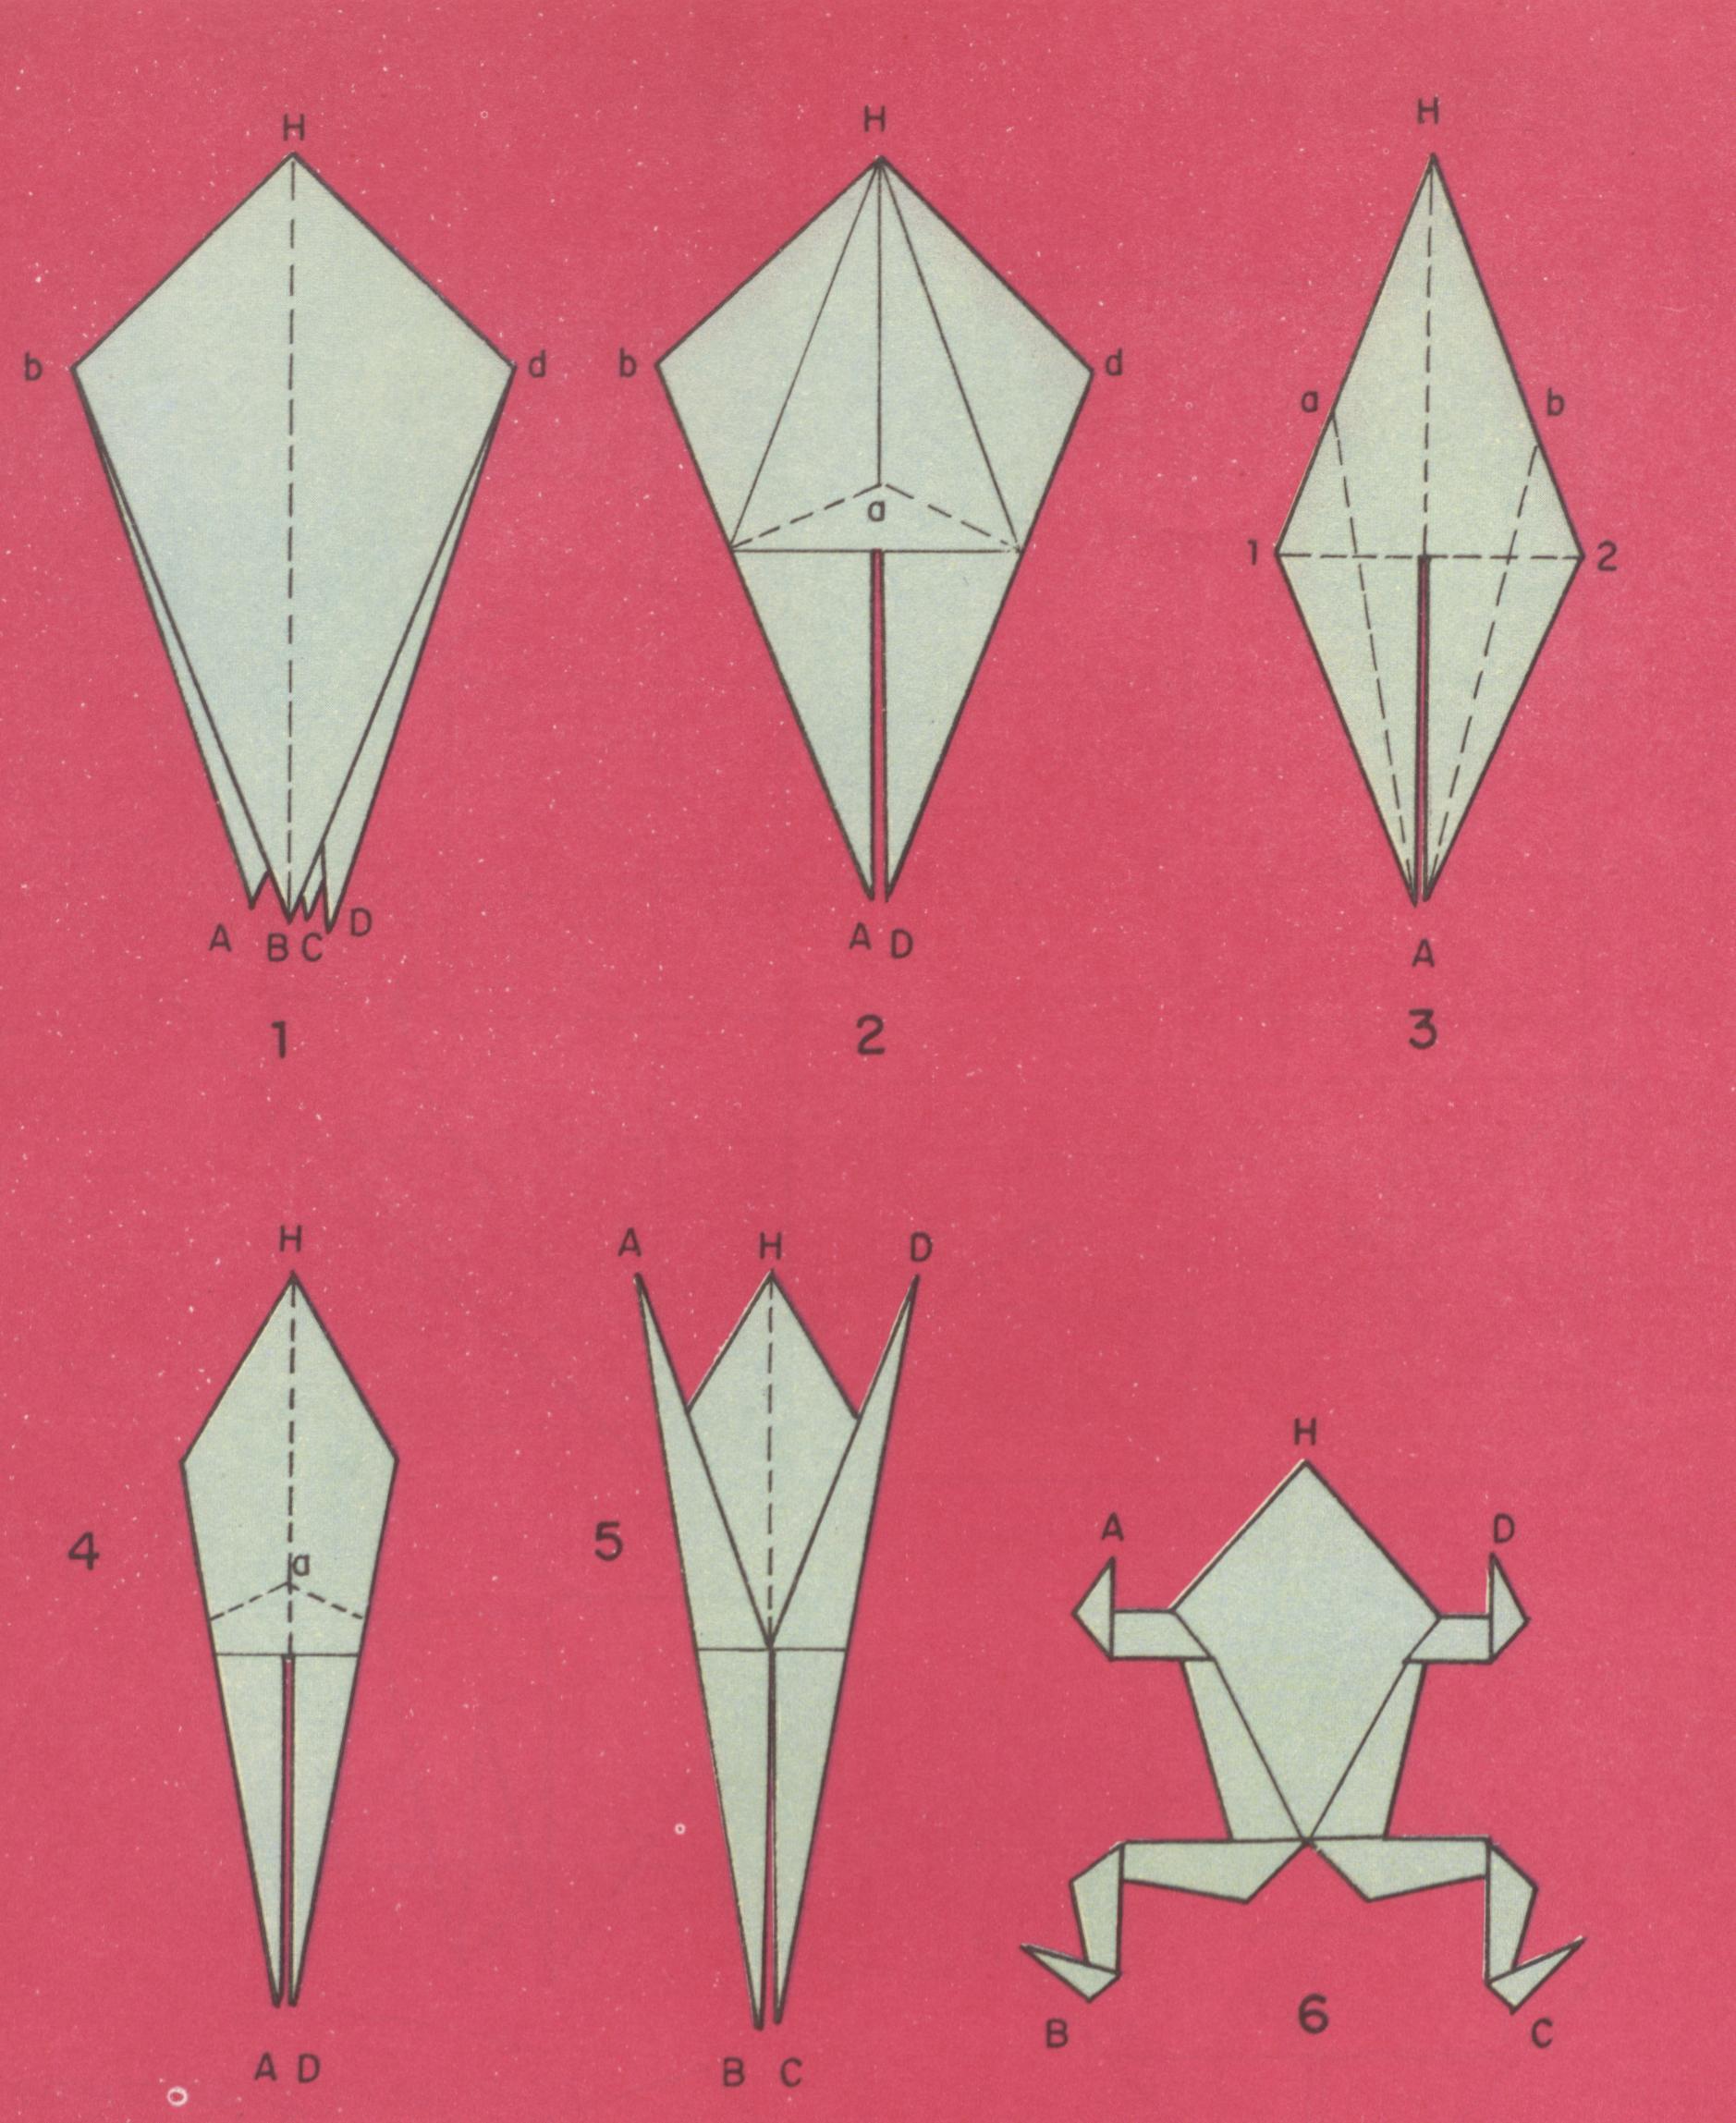 Manualidades rana en origami la rana thecheapjerseys Images